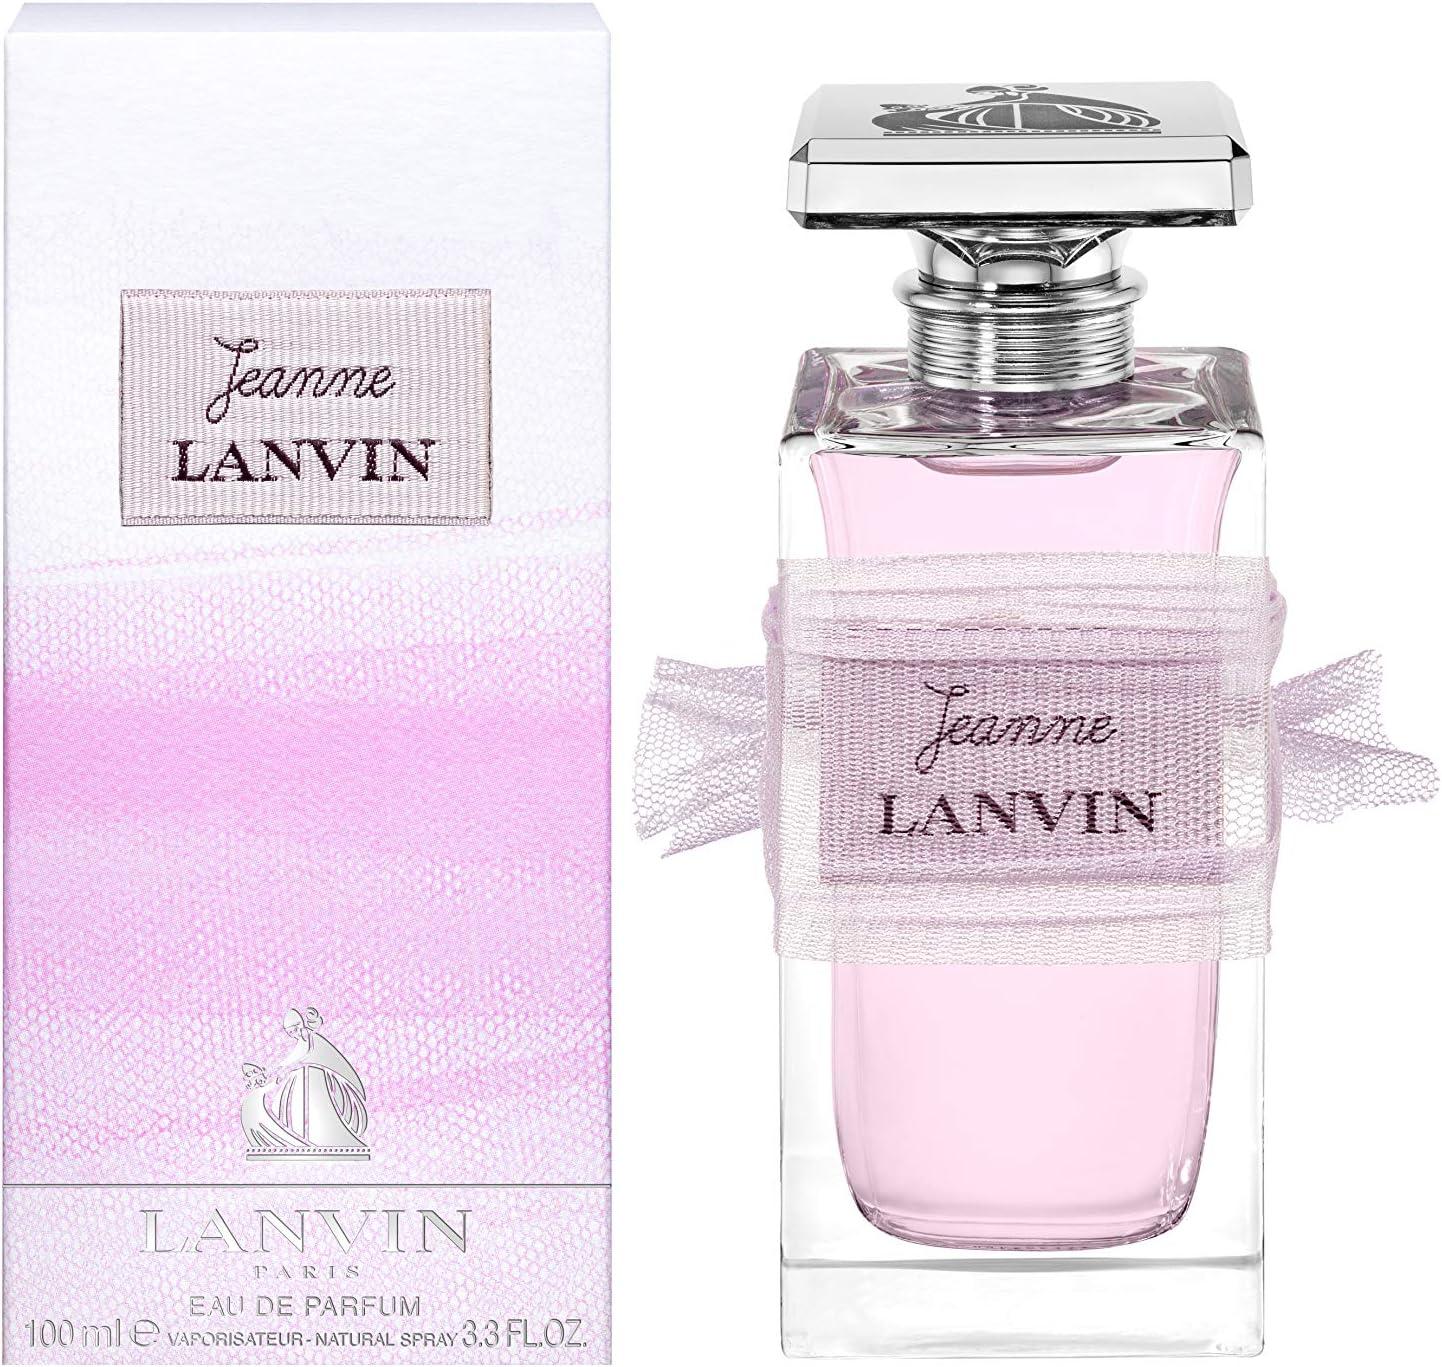 Lanvin Jeanne Agua de Perfume Vaporizador - 100 ml